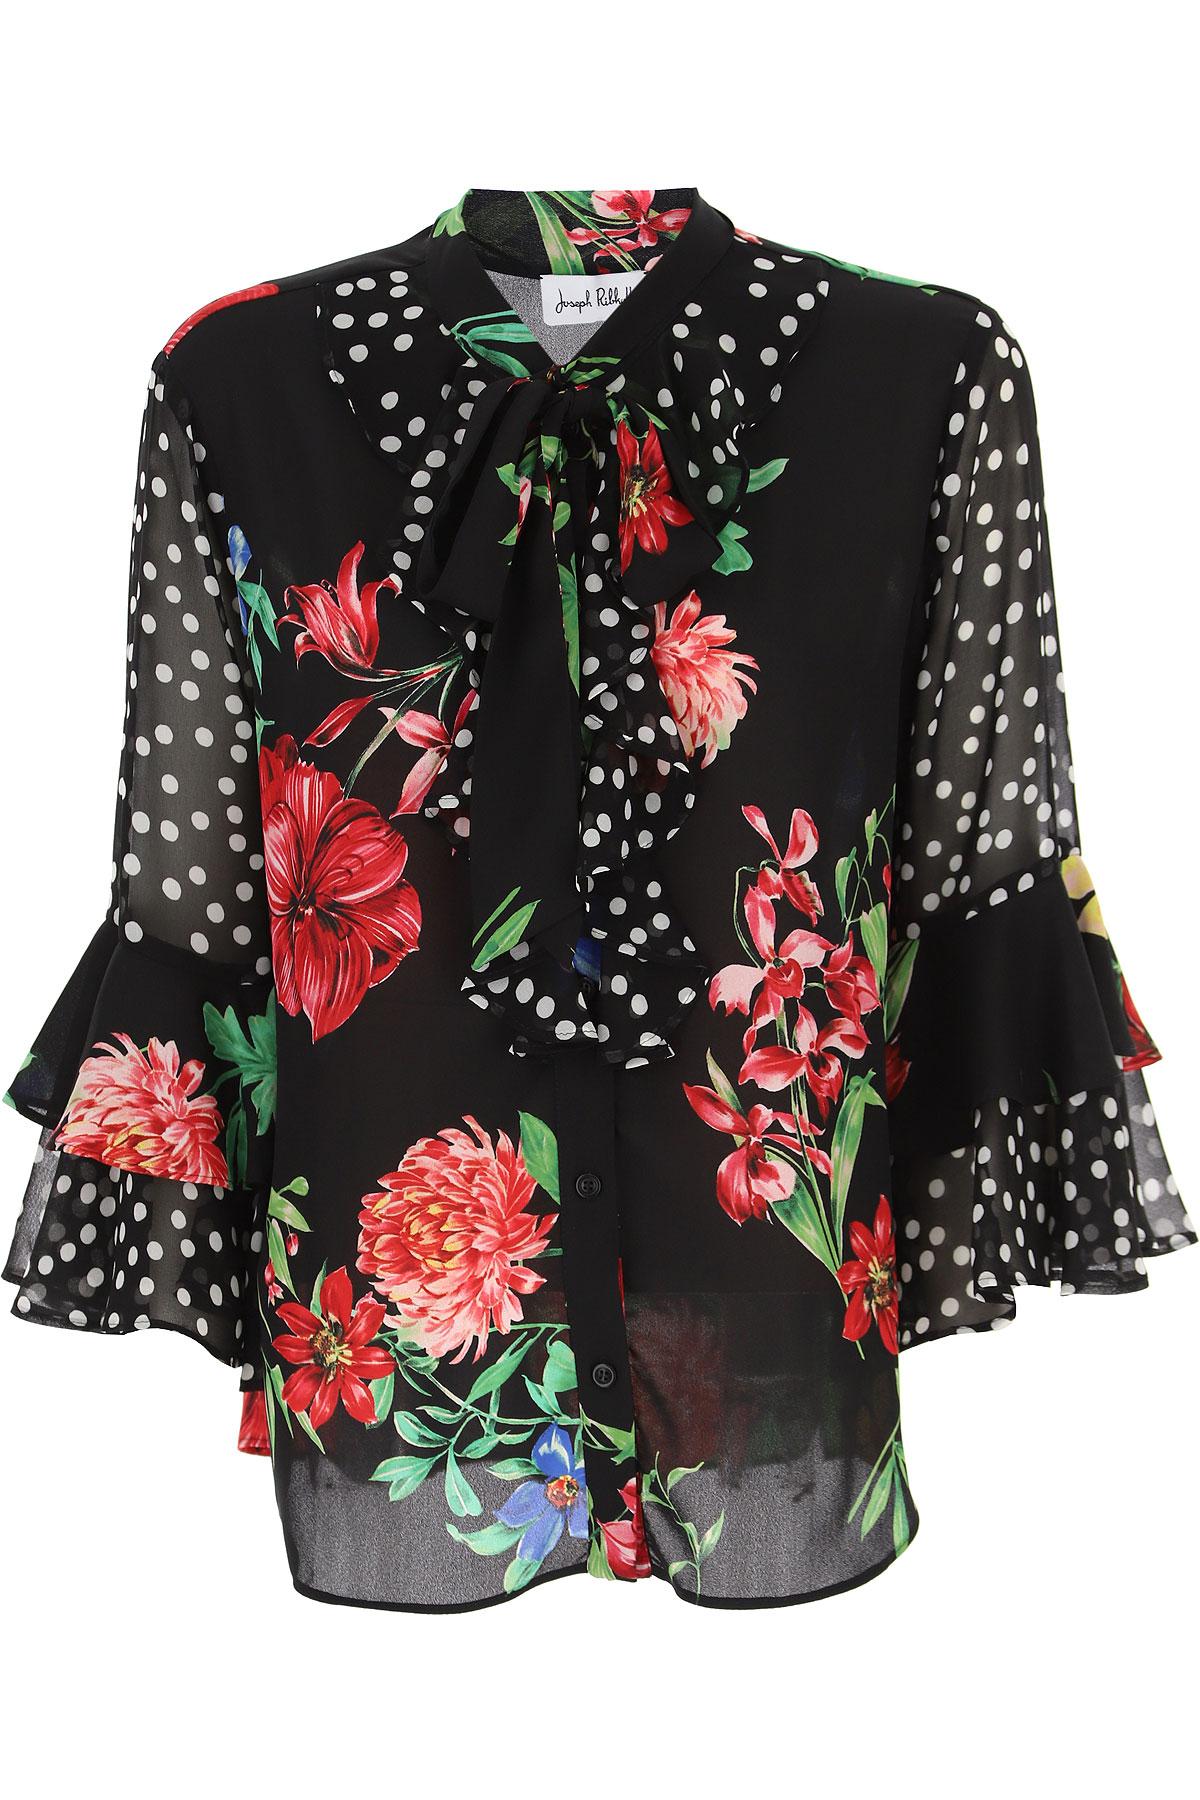 Joseph Ribkoff Skirt for Women On Sale, Black, polyester, 2019, 30 34